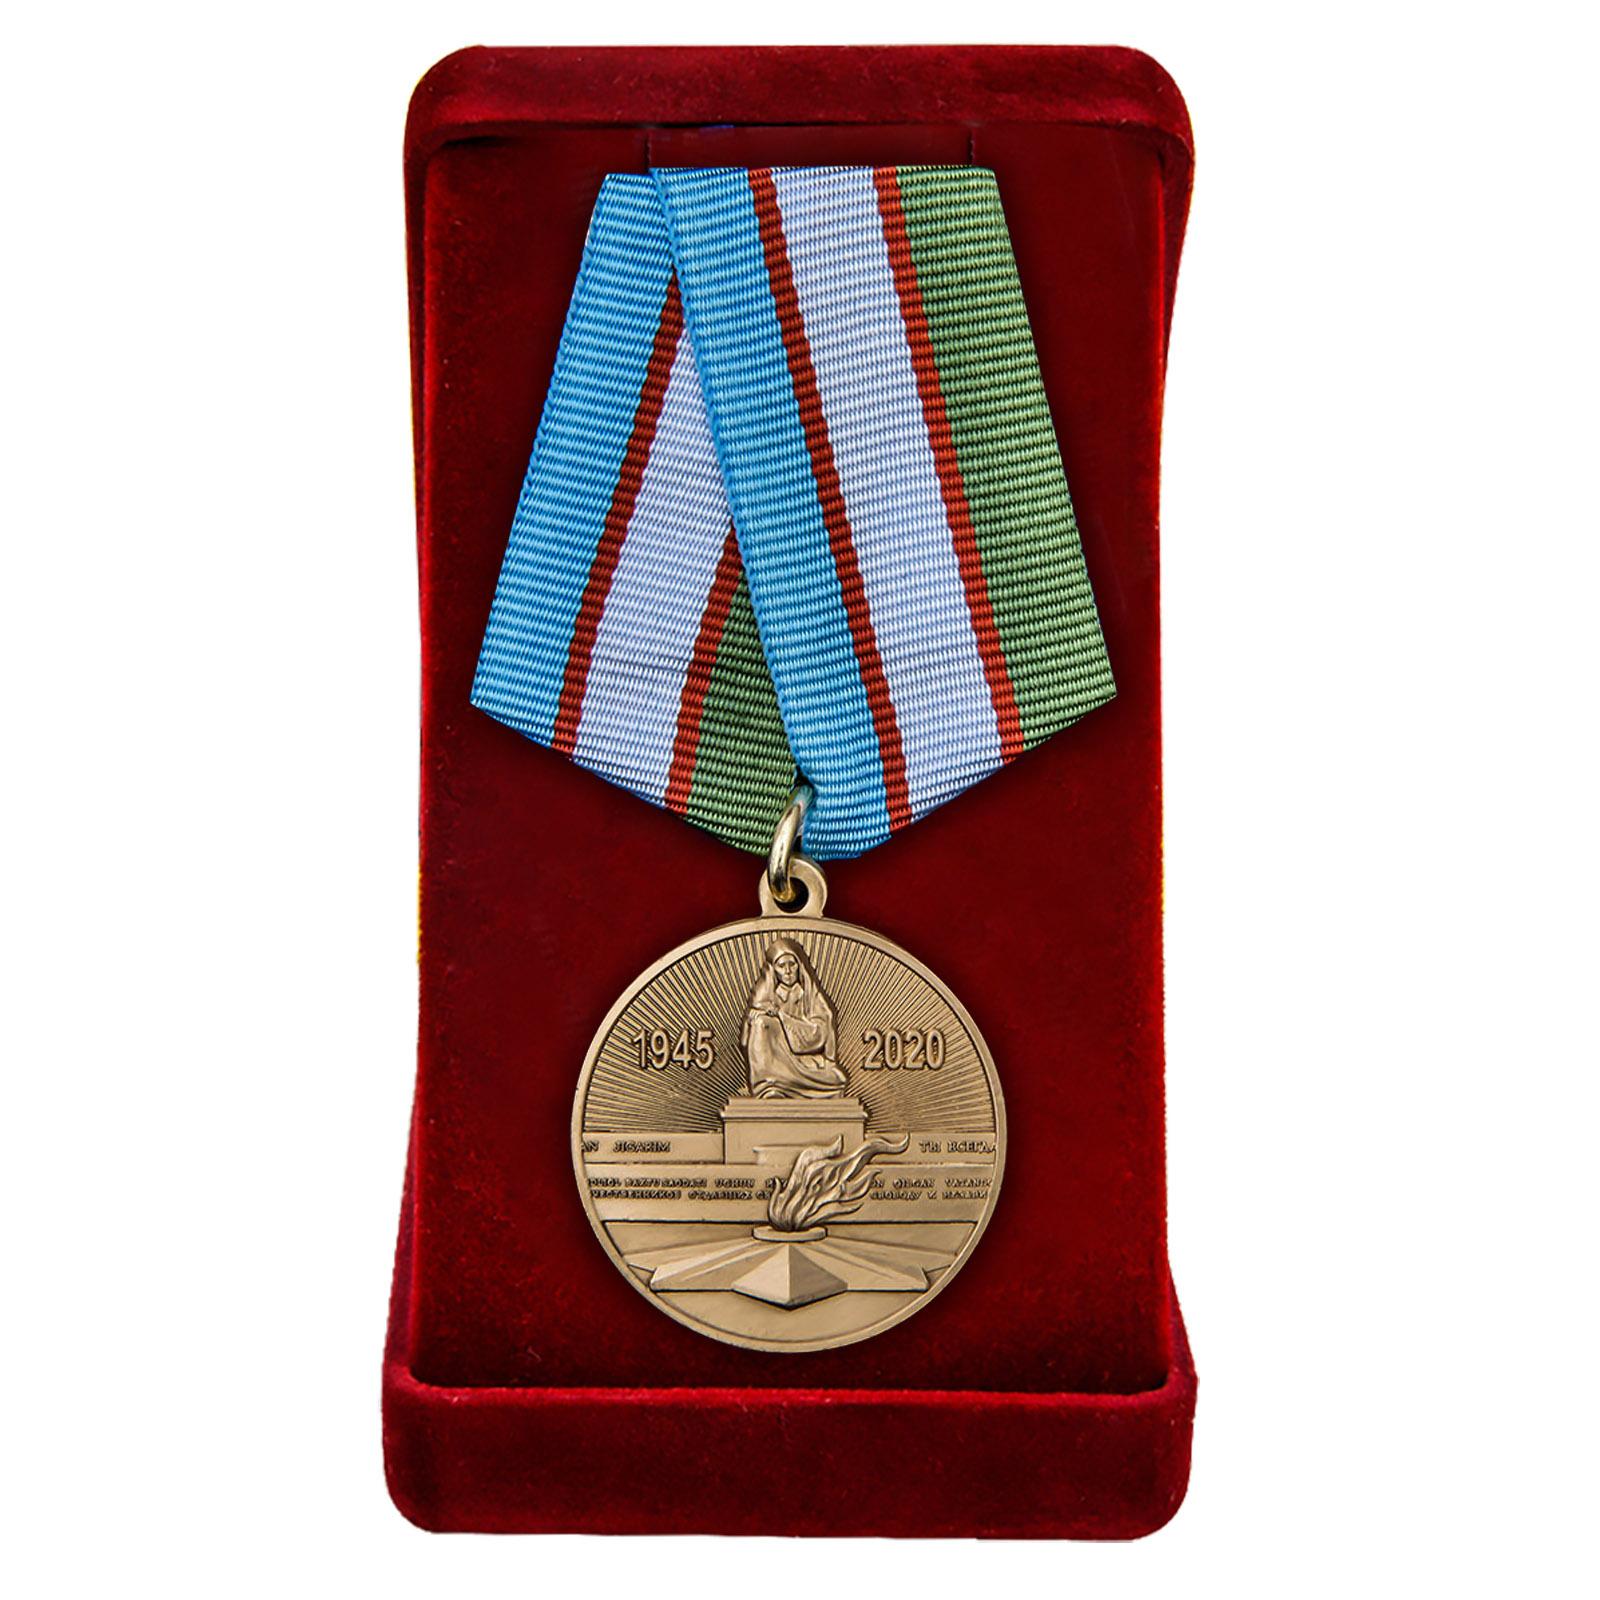 Купить юбилейная медаль Узбекистана 75 лет Победы во Второй мировой войне онлайн